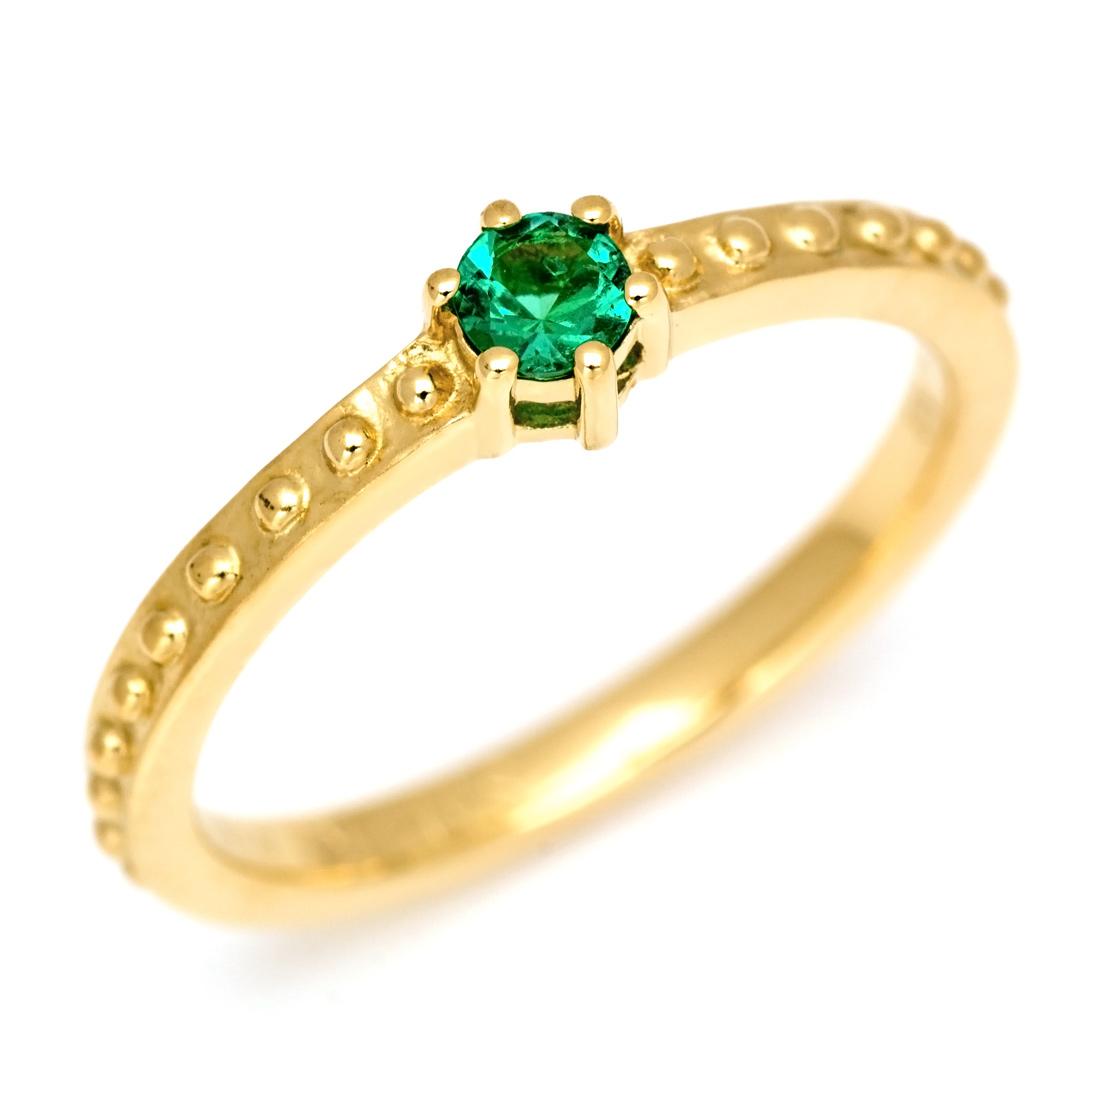 K18 エメラルド リング 「parca」 指輪 ゴールド 18K 18金 クラシック 誕生日 5月誕生石 刻印 文字入れ メッセージ ギフト 贈り物 ピンキーリング対応可能